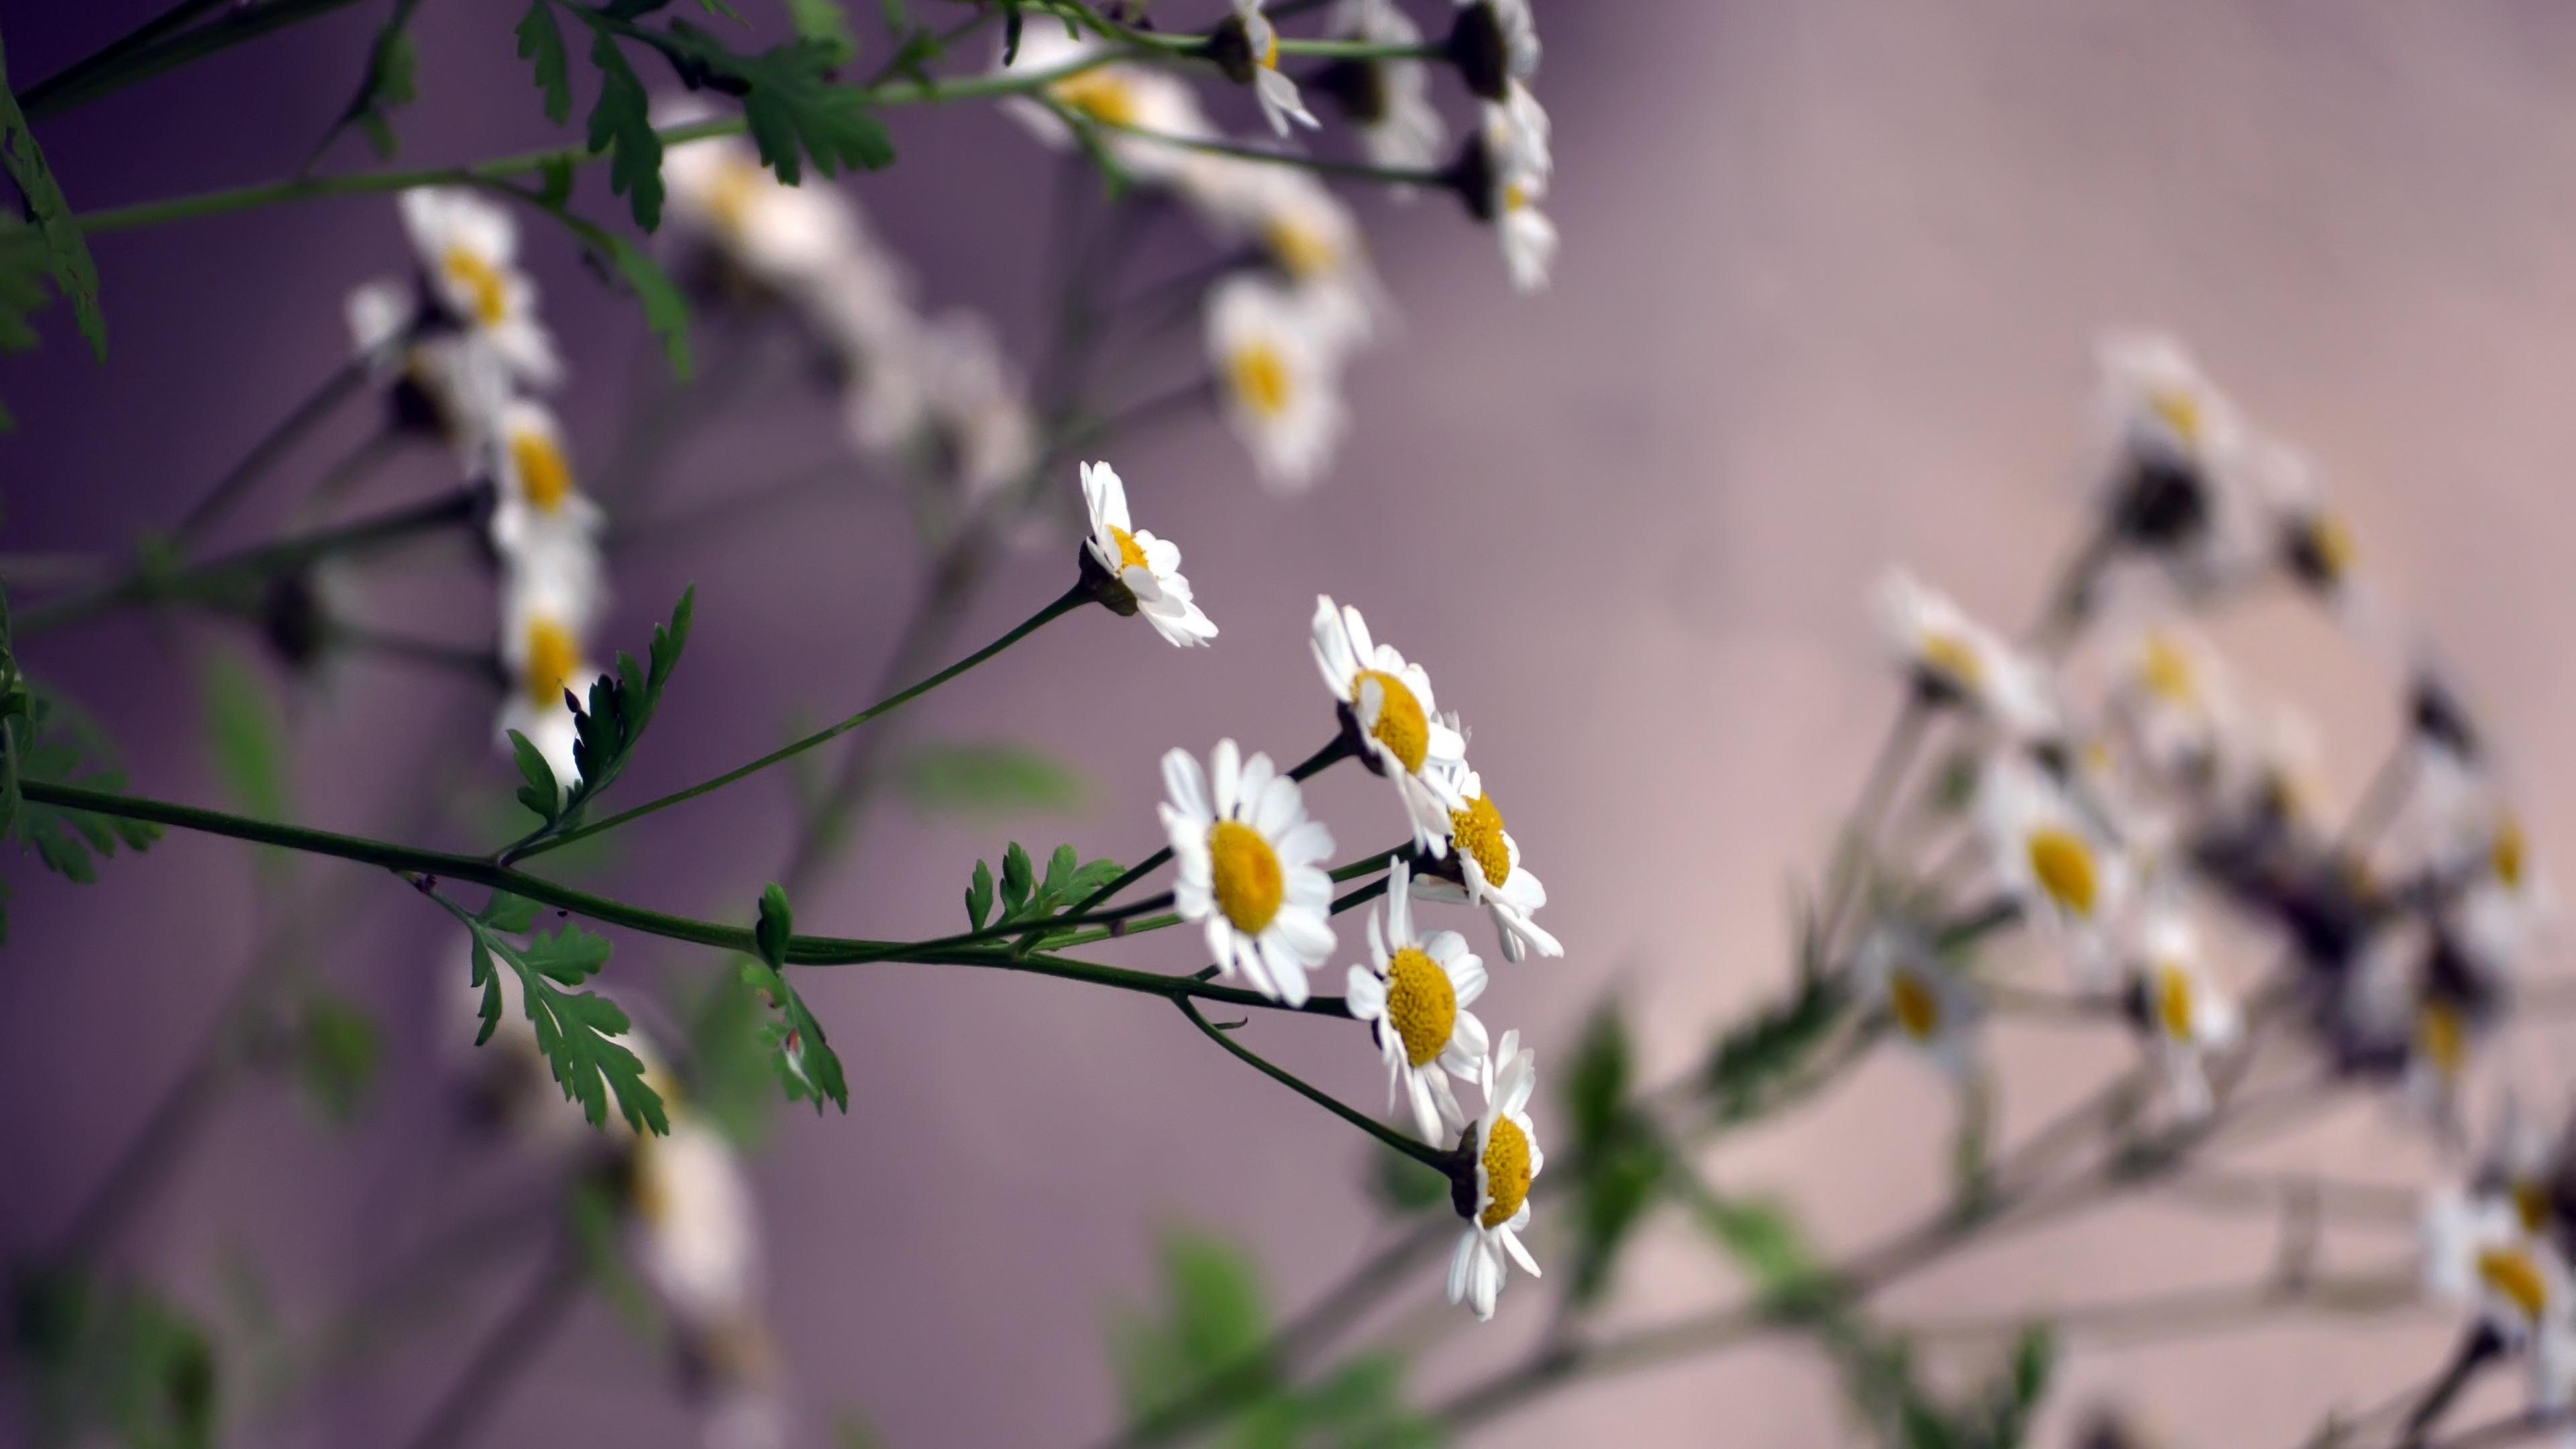 flowers daisies blurring 4k 1540065261 - flowers, daisies, blurring 4k - Flowers, Daisies, blurring